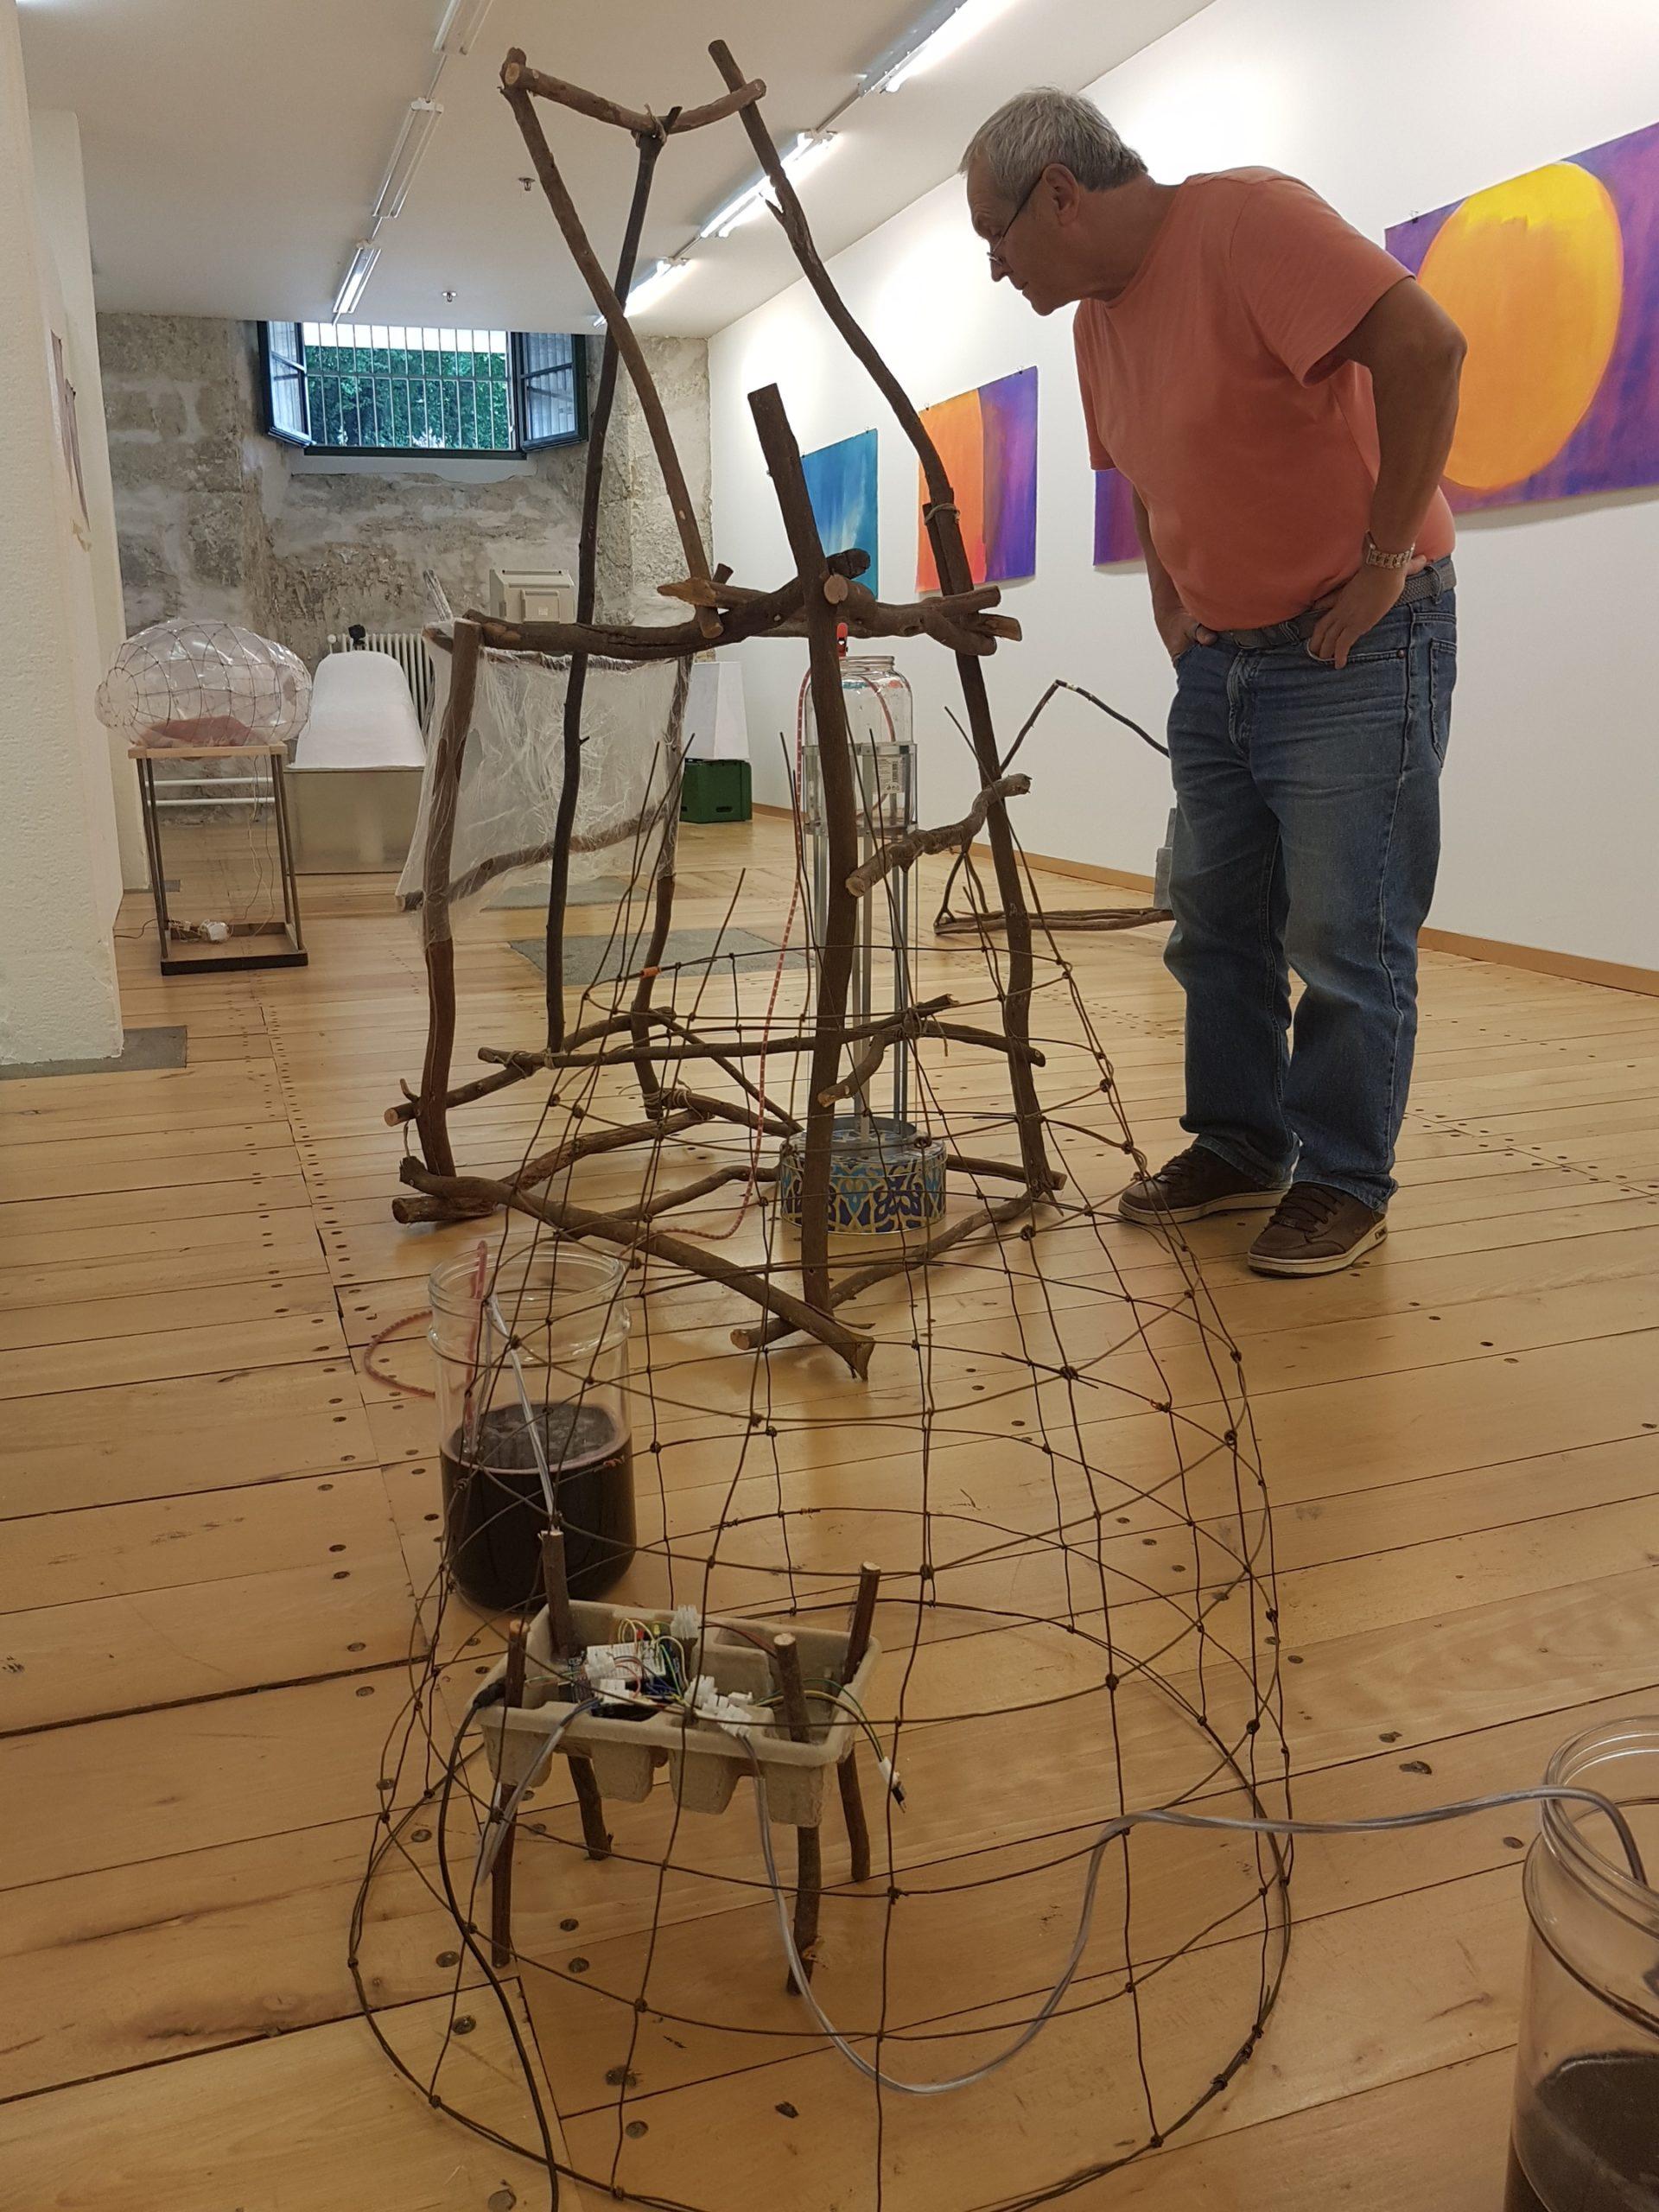 Quido Sen, Objekte und Ausstellungsansicht 2017